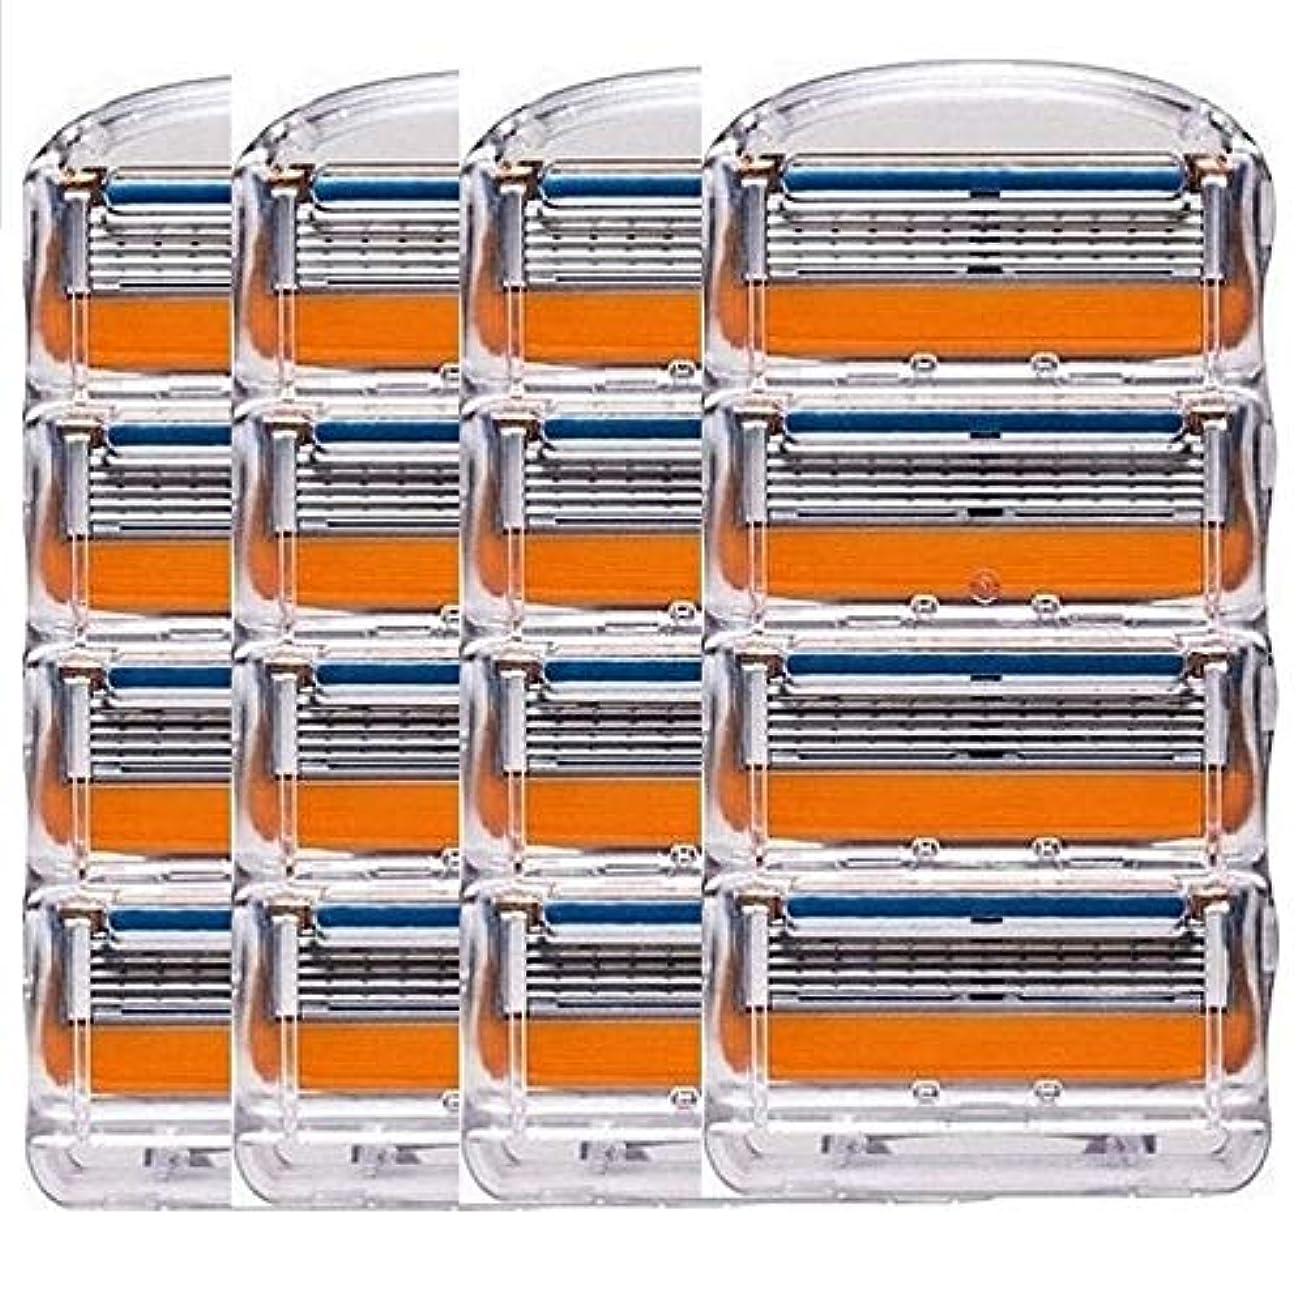 専門知識補償厳ジレット フュージョン用 替刃 互換品 4セット 16個 髭剃り Gillette Fusion プログライド パワー 替え刃 オレンジ